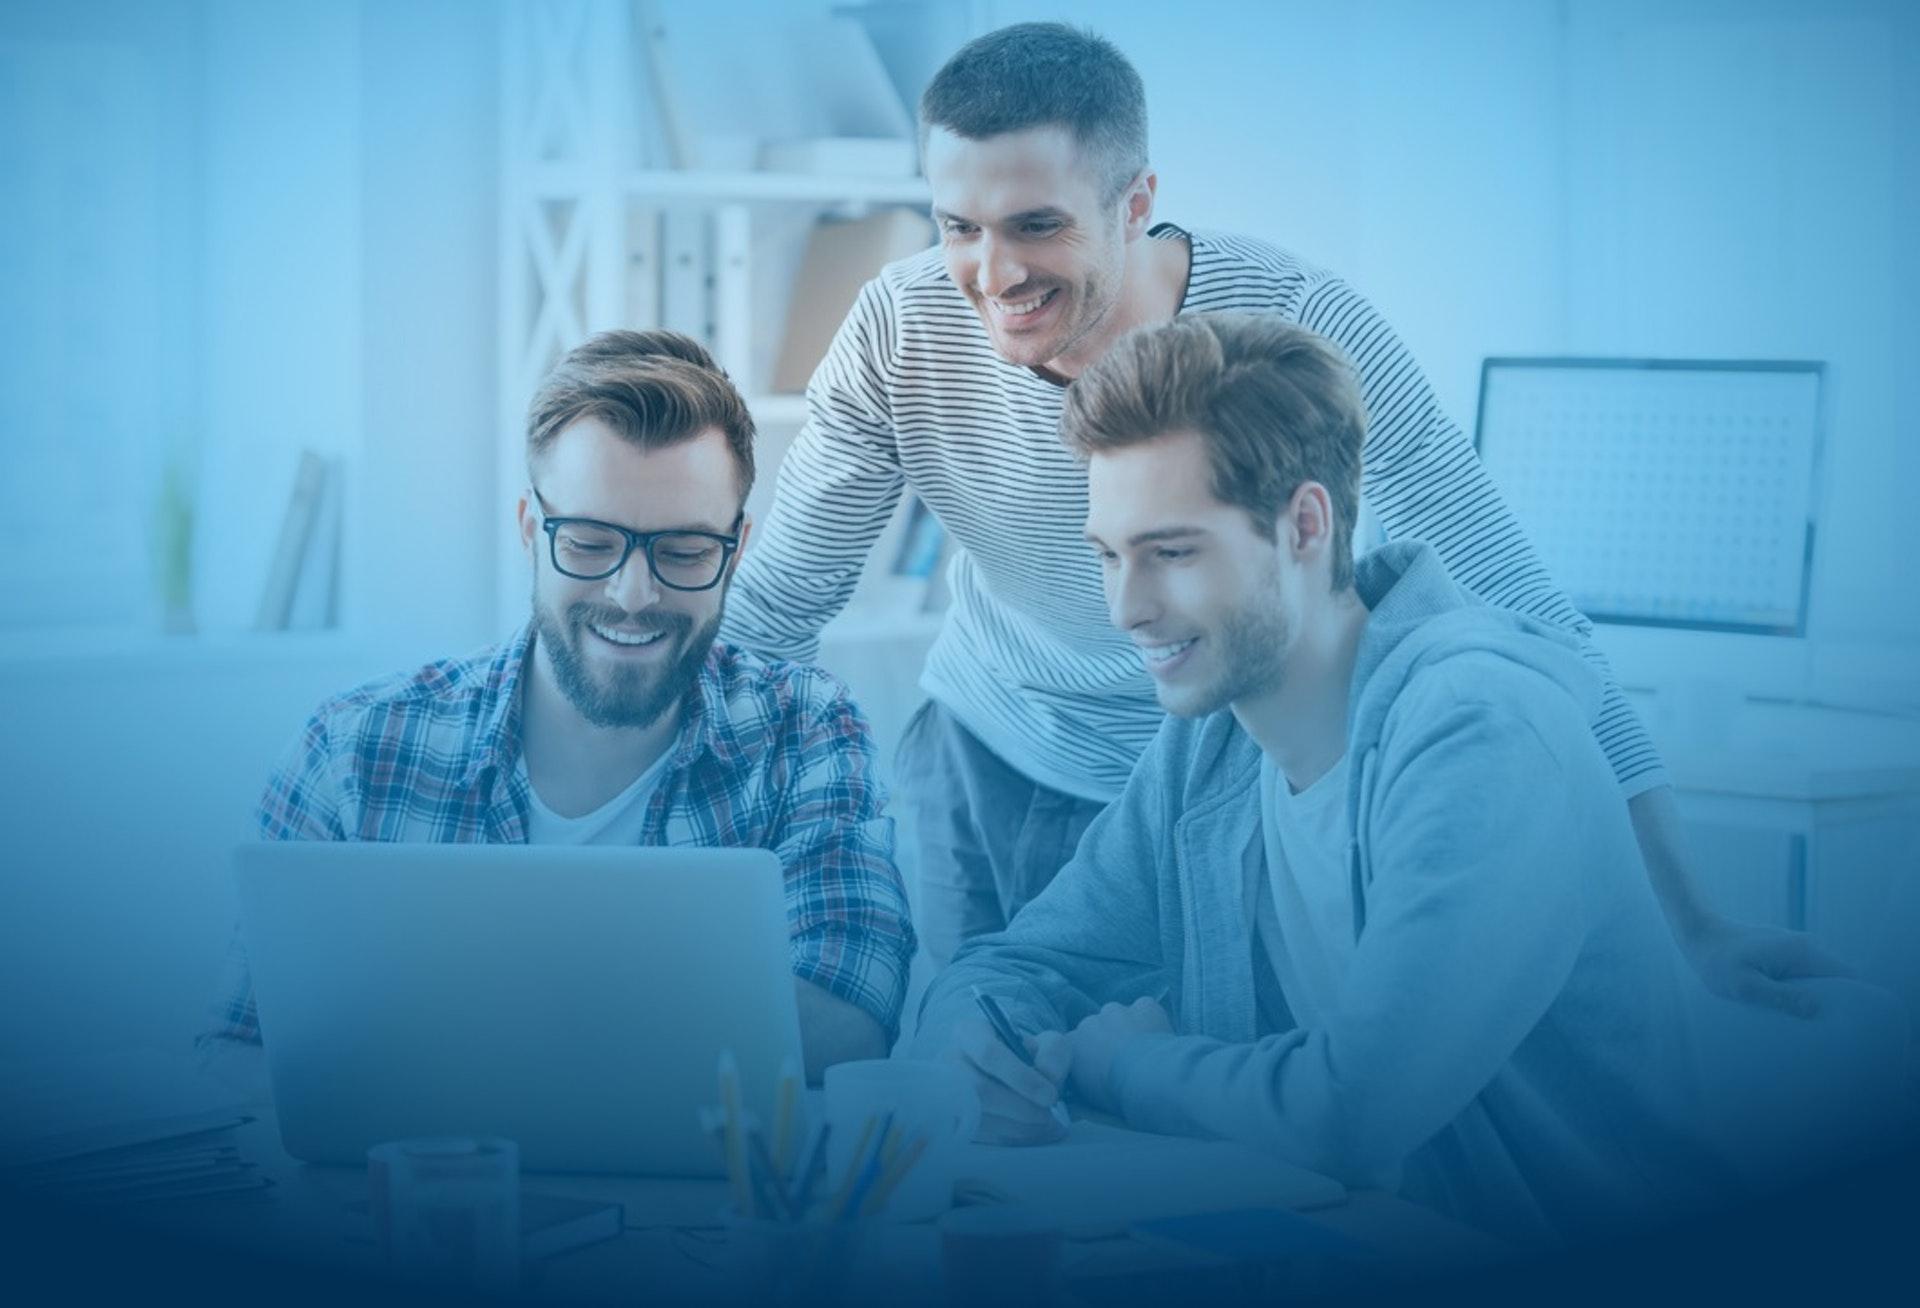 B2B-myyjiä rahoitusalan startupiin! - Vendigo Finance Finland Oy - Työpaikat - Duunitori